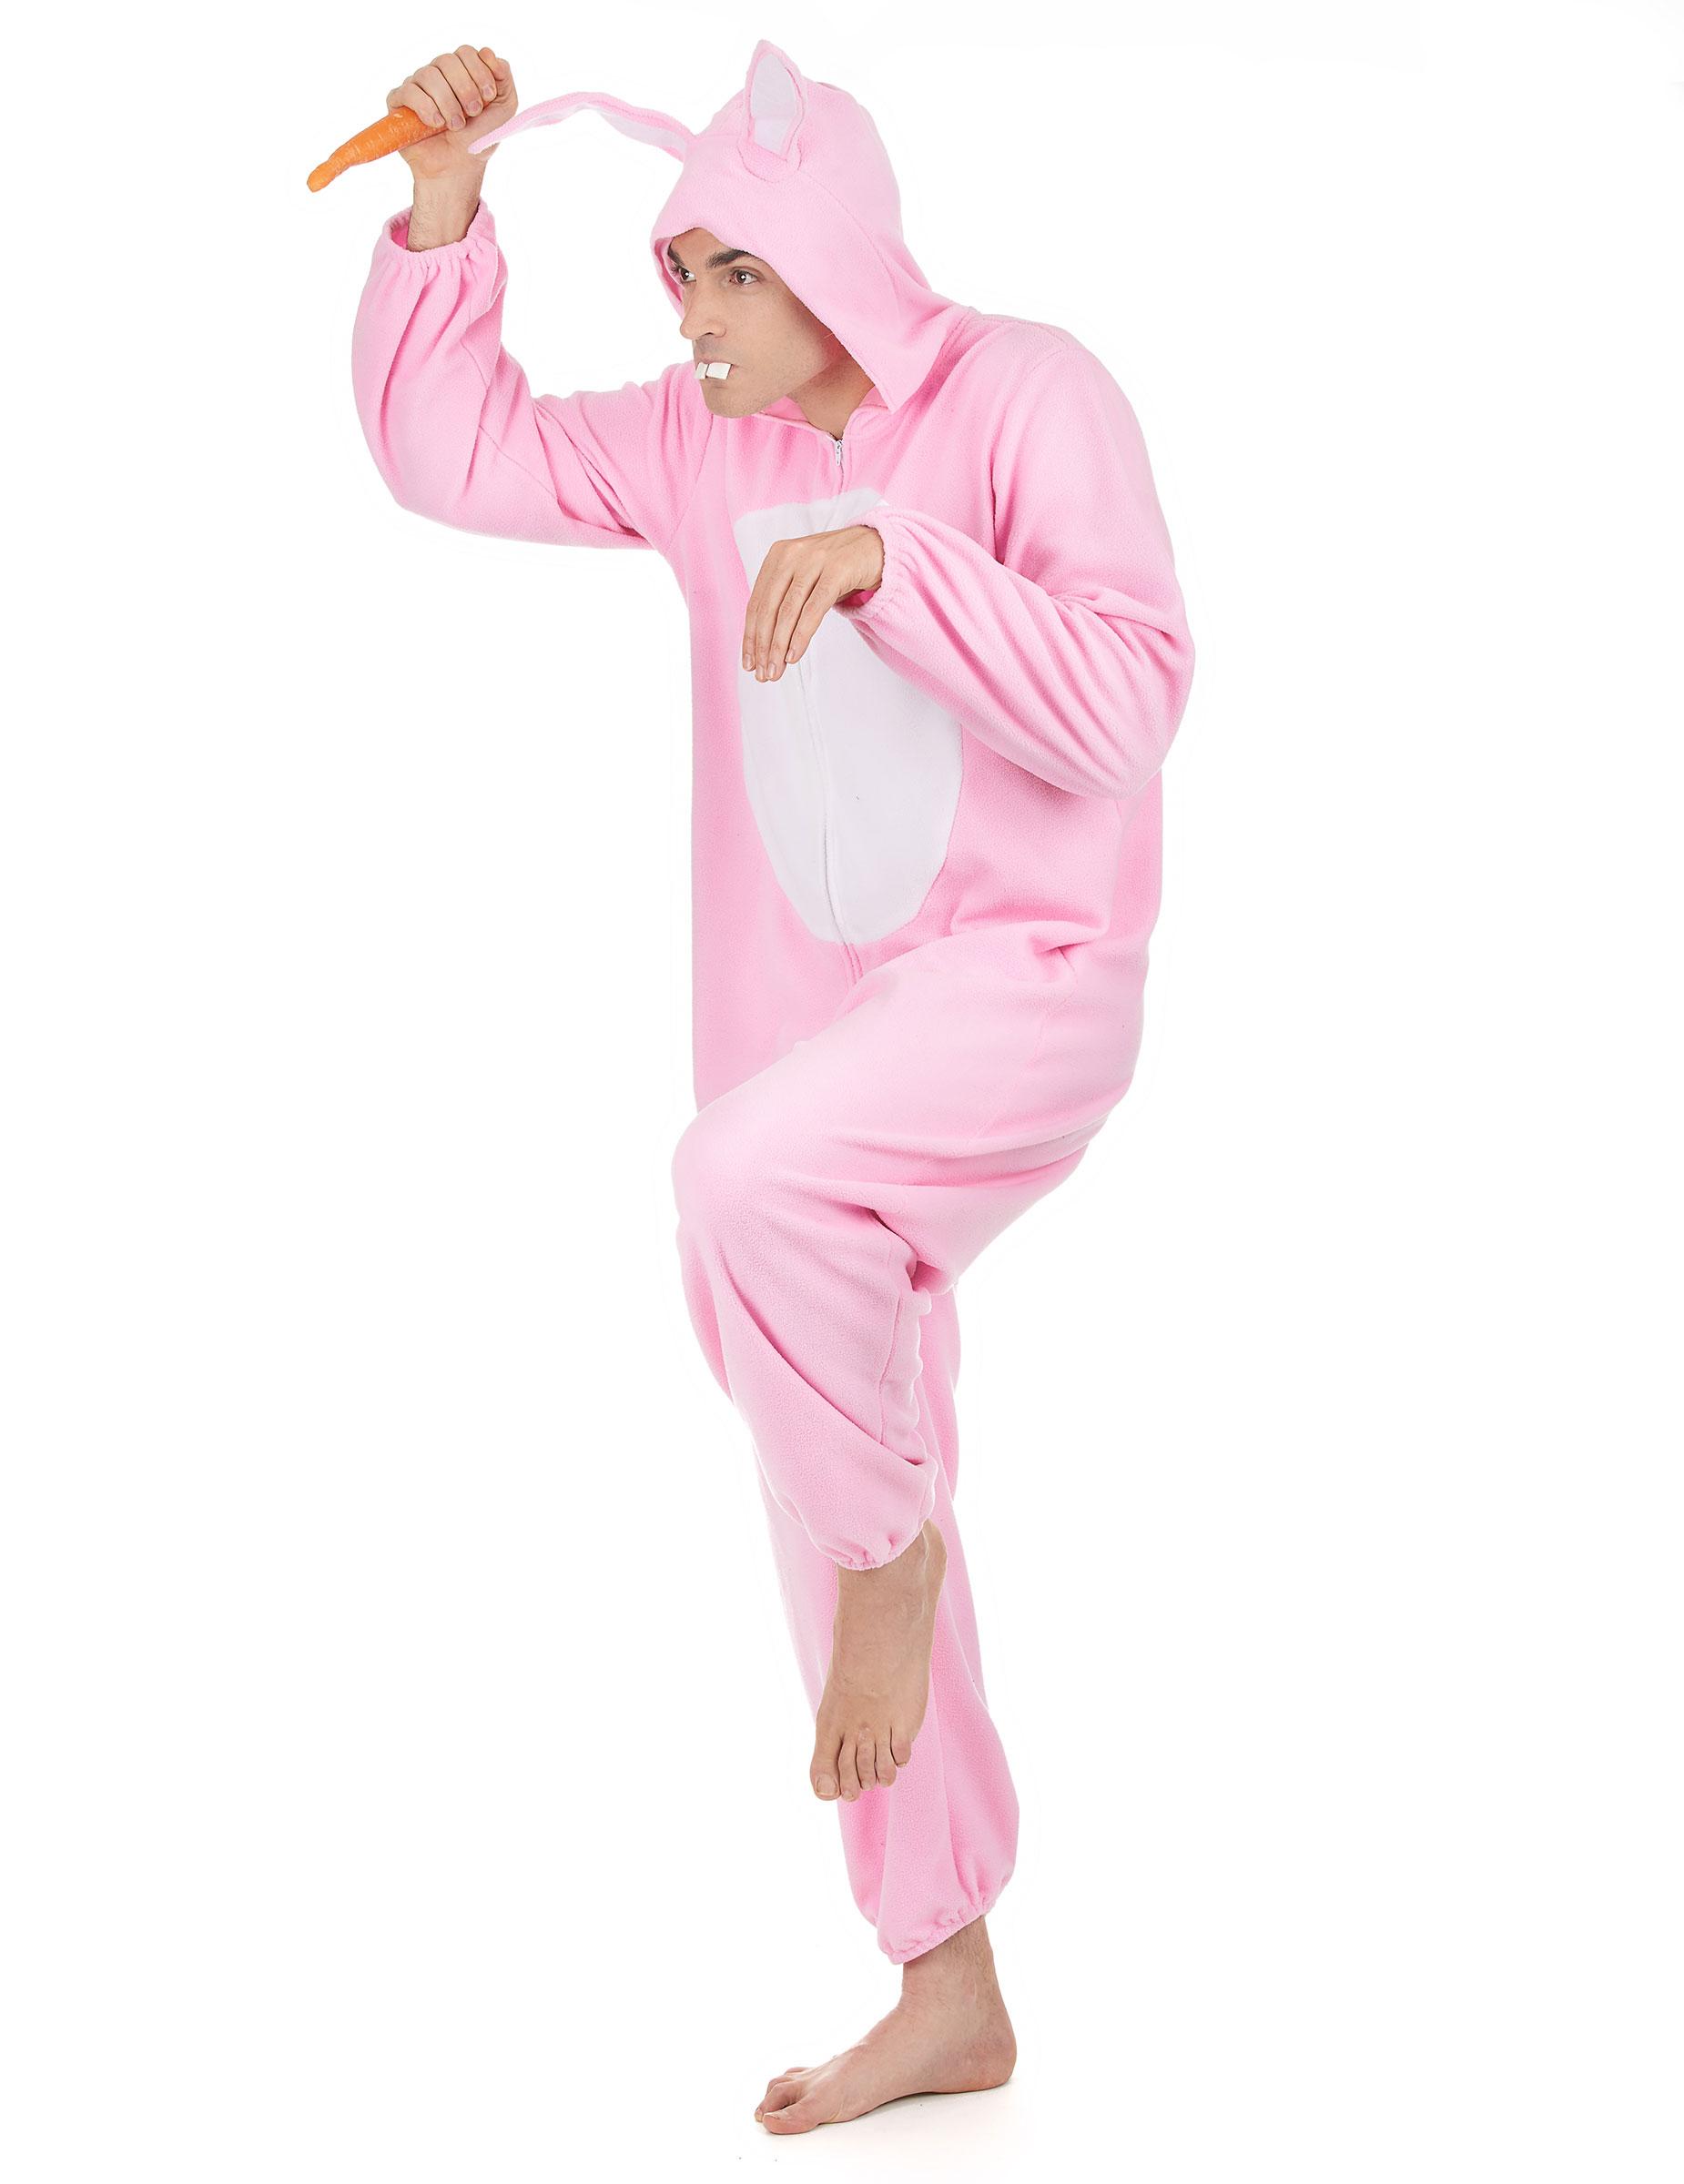 Costume Coniglio Rosa Per Uomo Costumi Adultie Vestiti